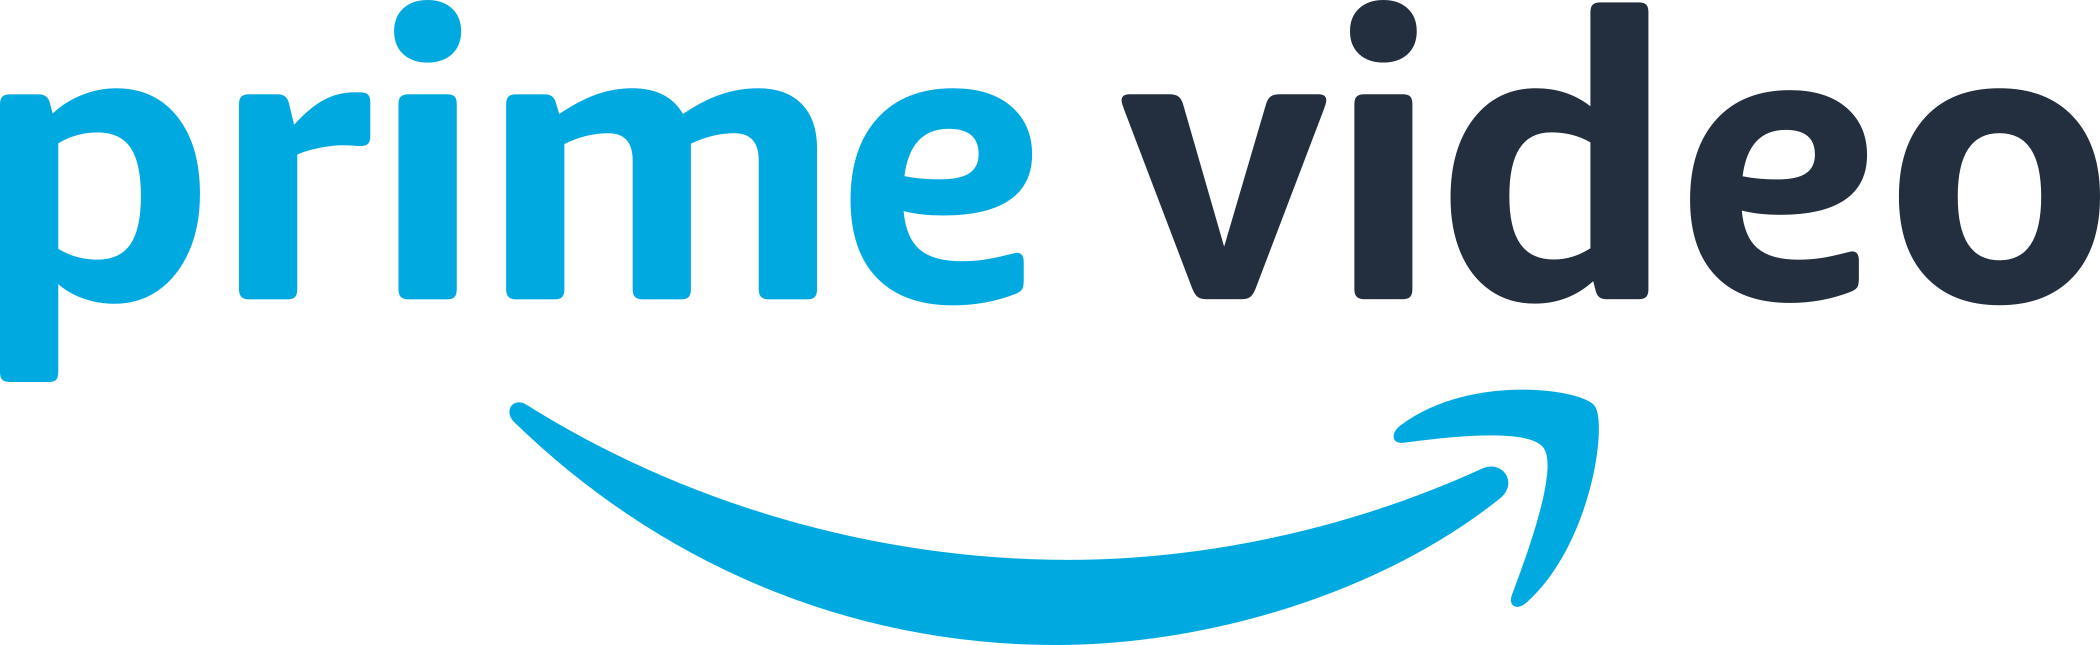 prime video 2 - Prime Video Logo